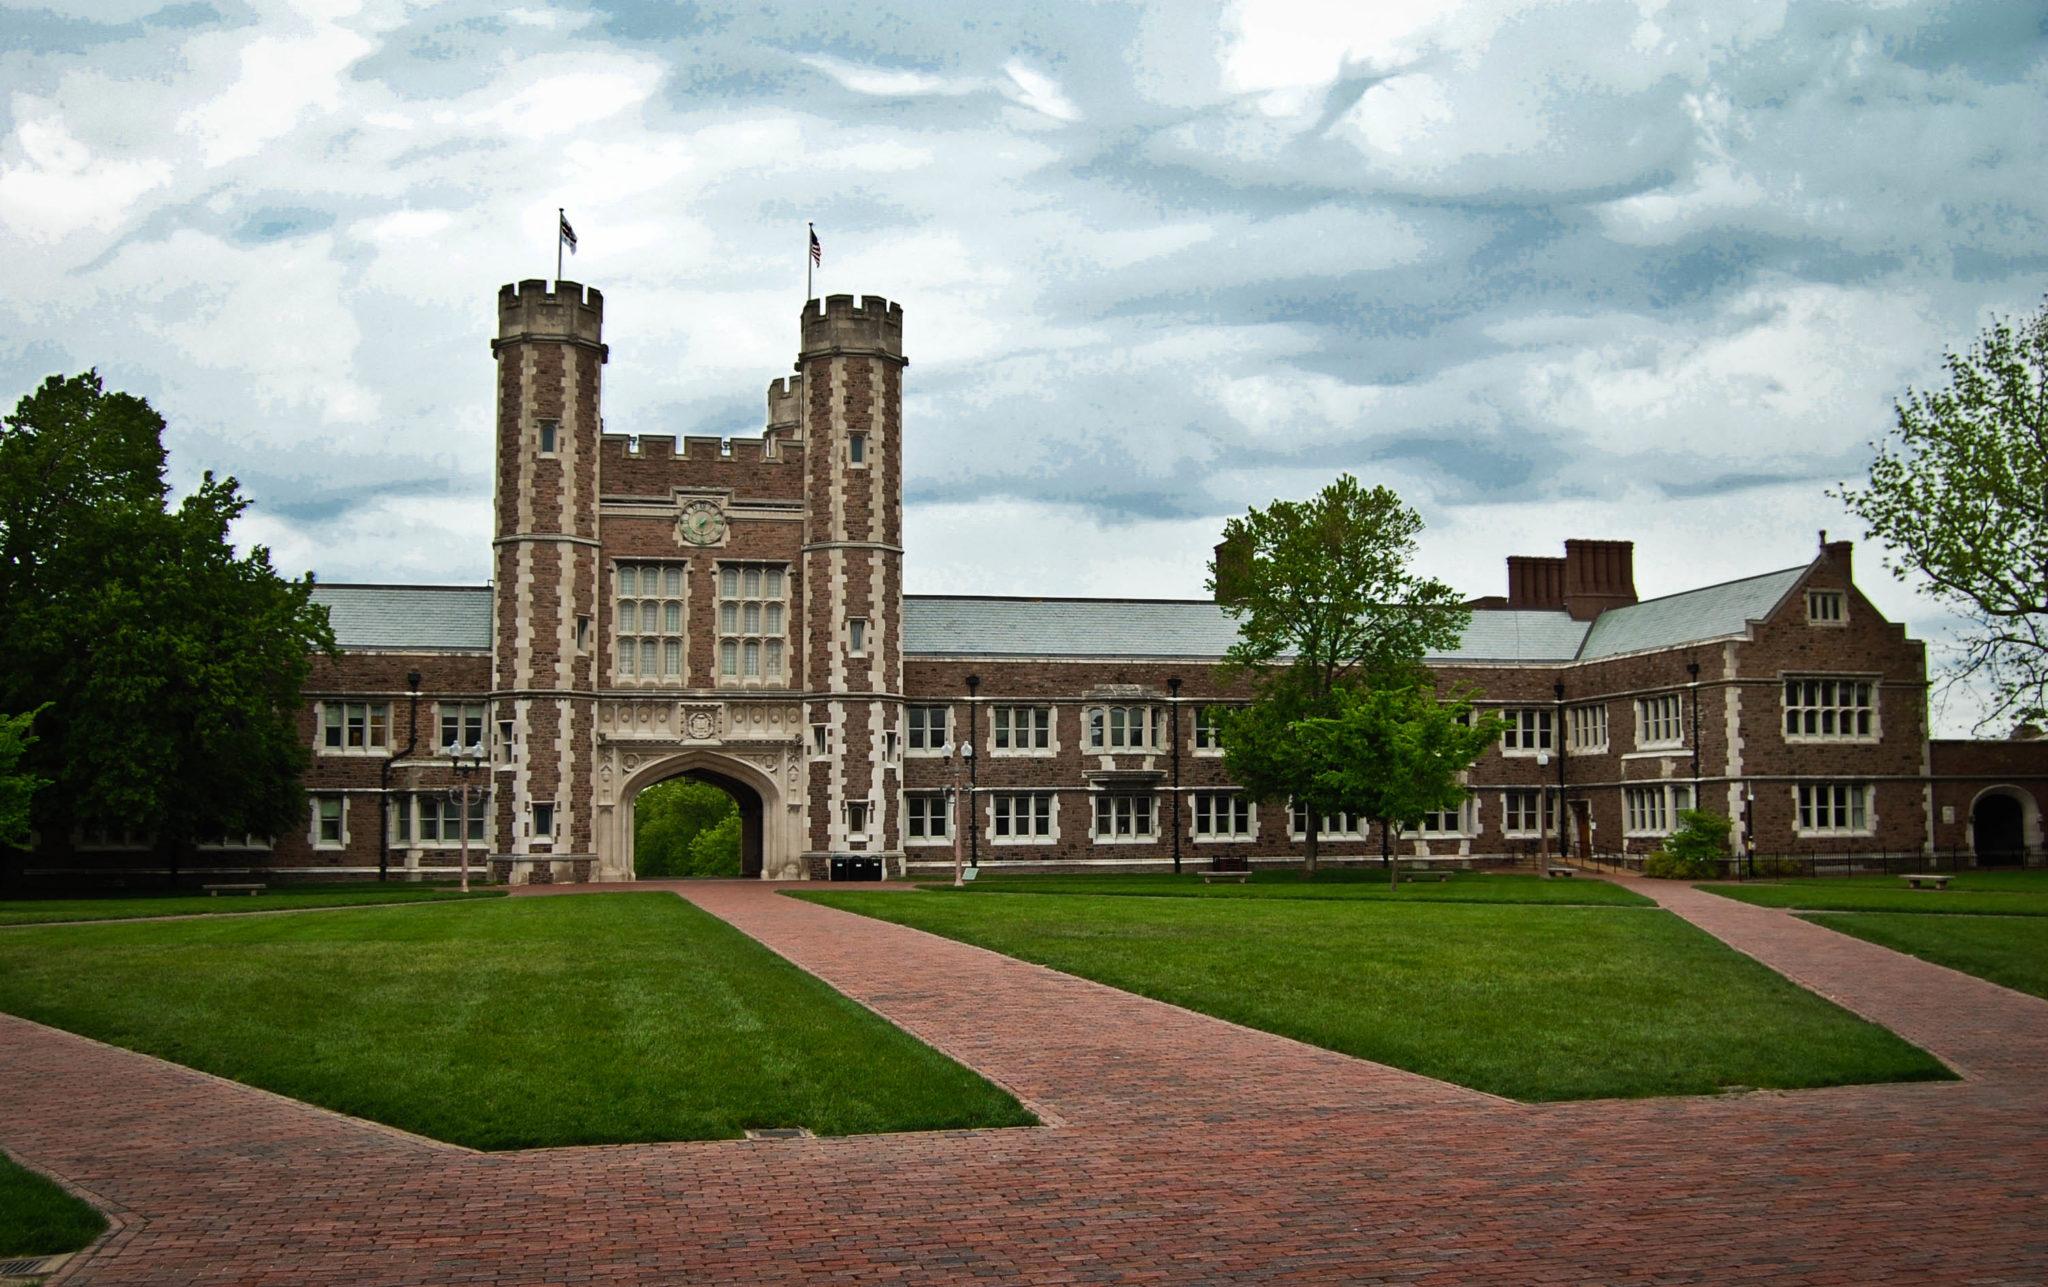 Washington University Campus